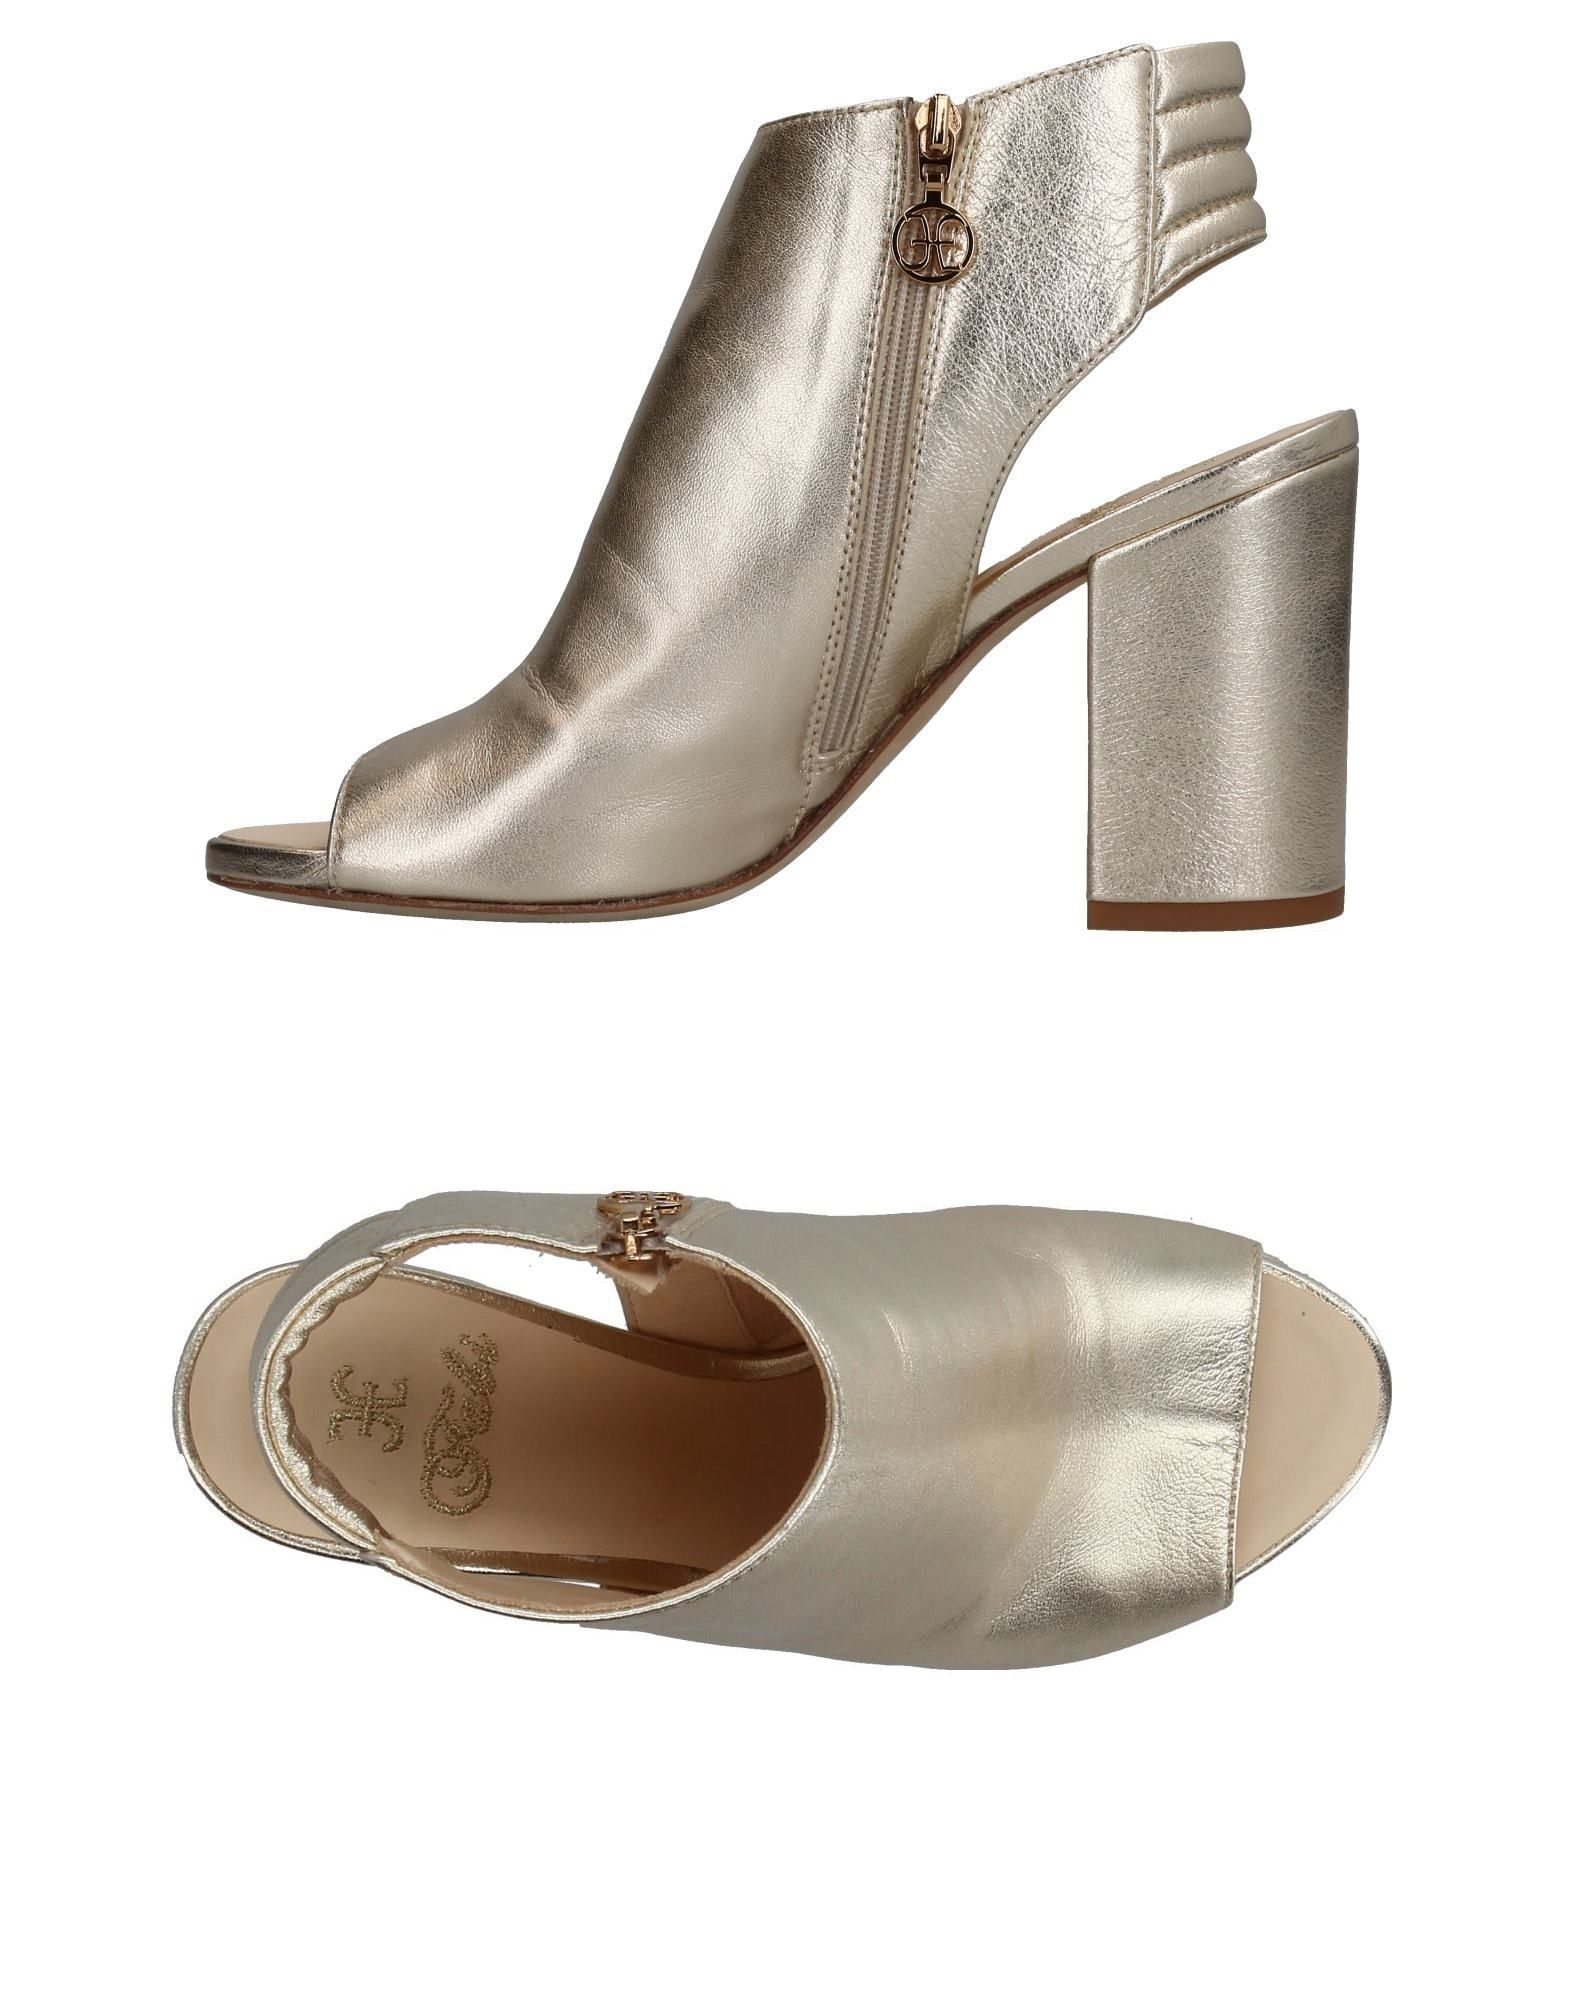 Fabi Sandalen Damen  11415482CD Gute Qualität beliebte Schuhe